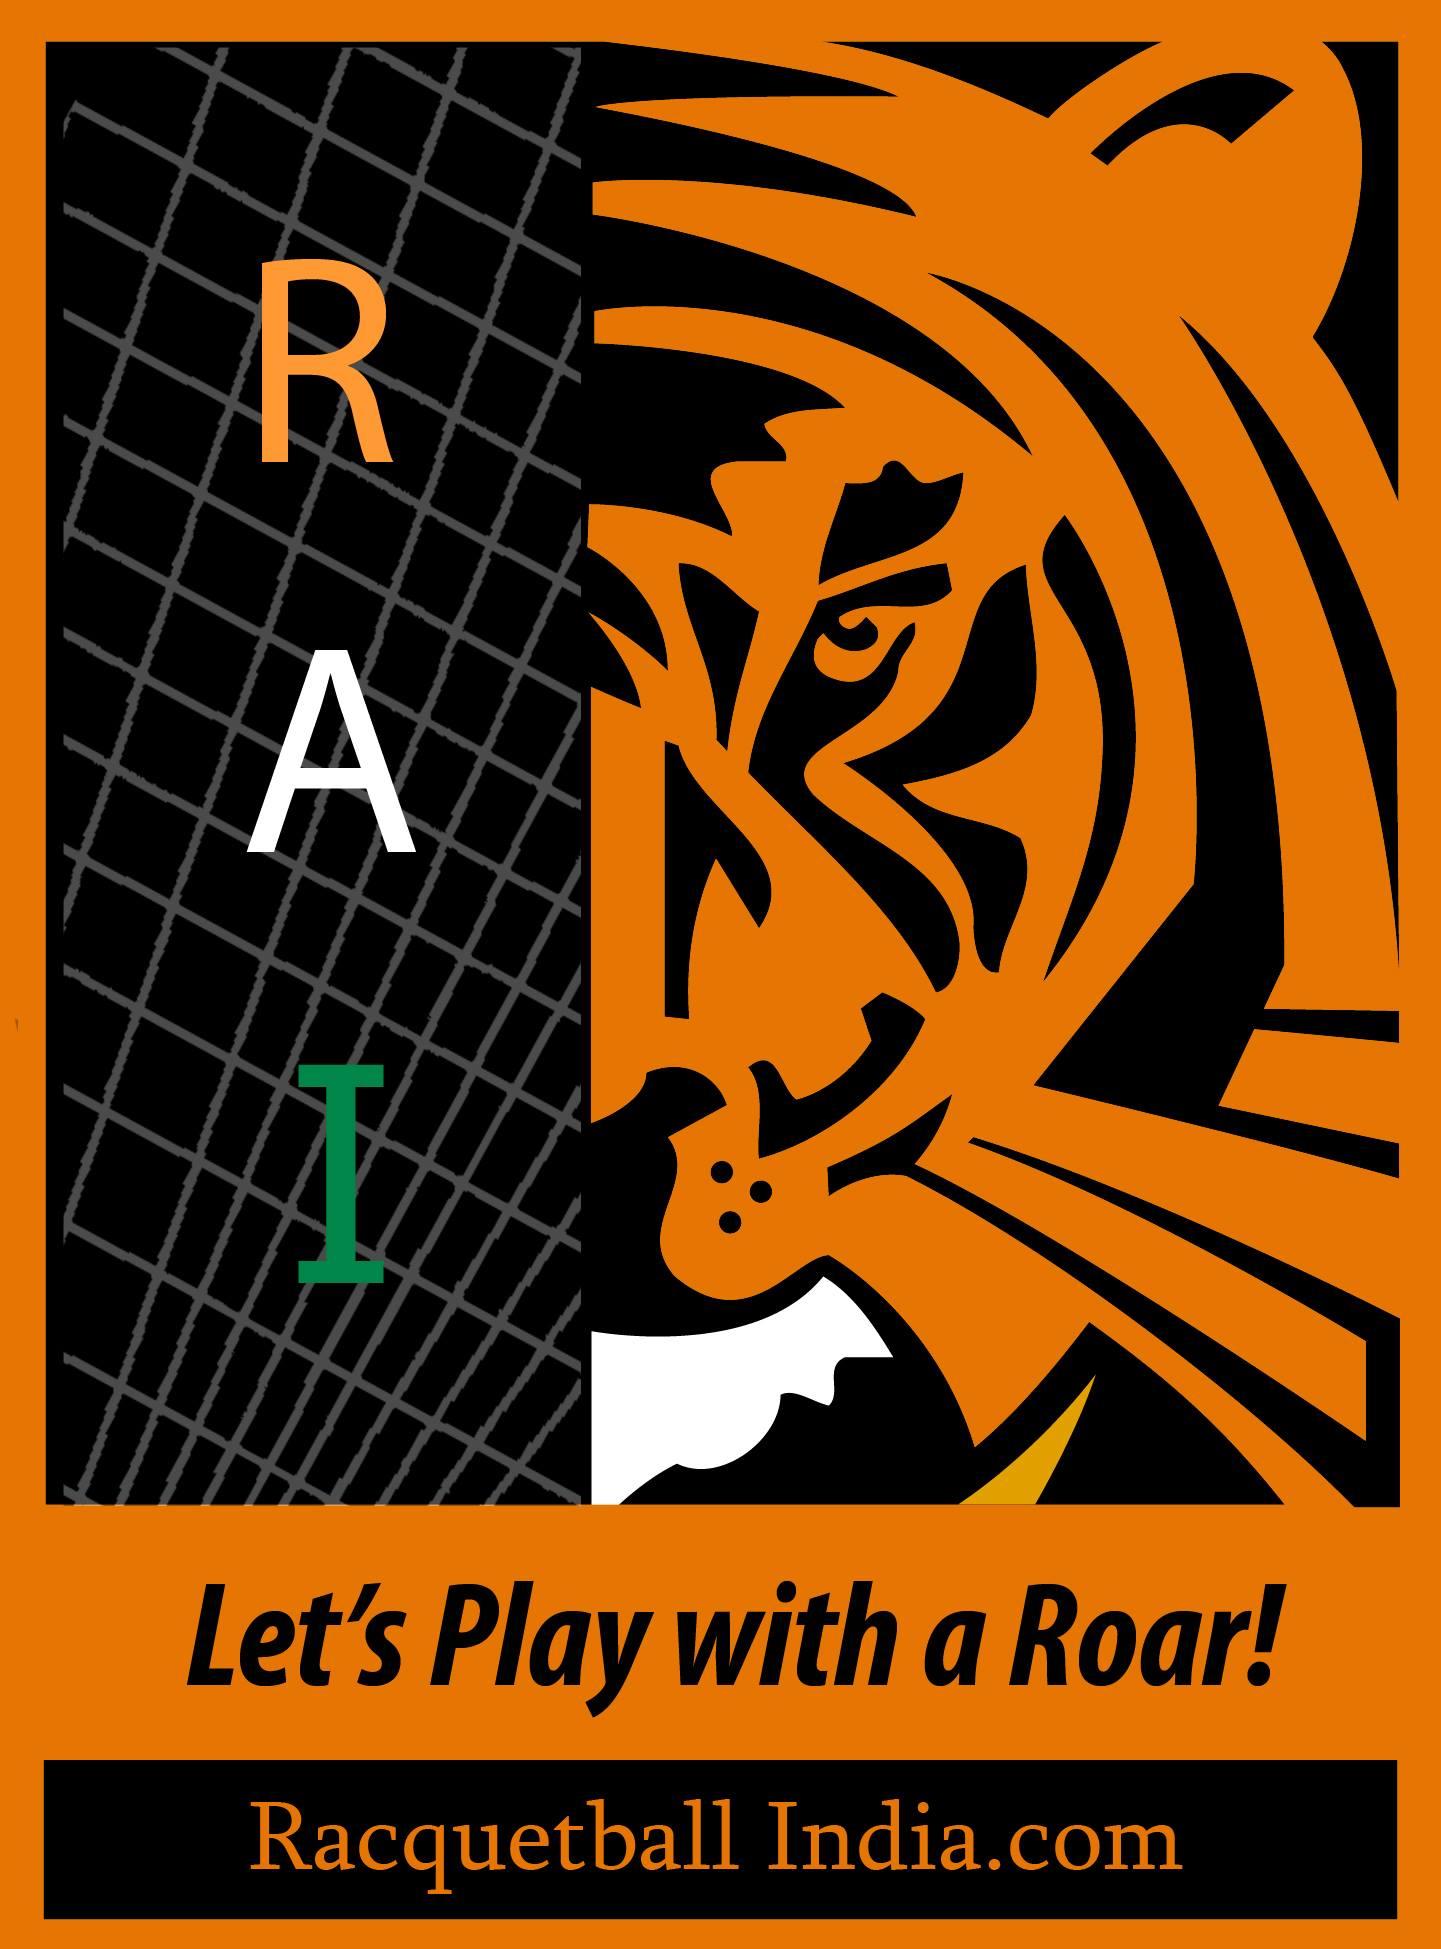 Racquetball India